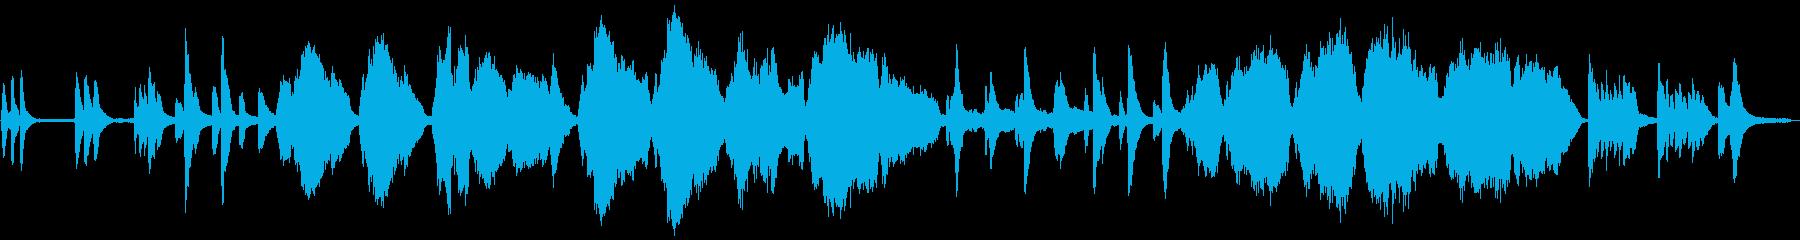 ピアノトリオの切ないバラードの再生済みの波形